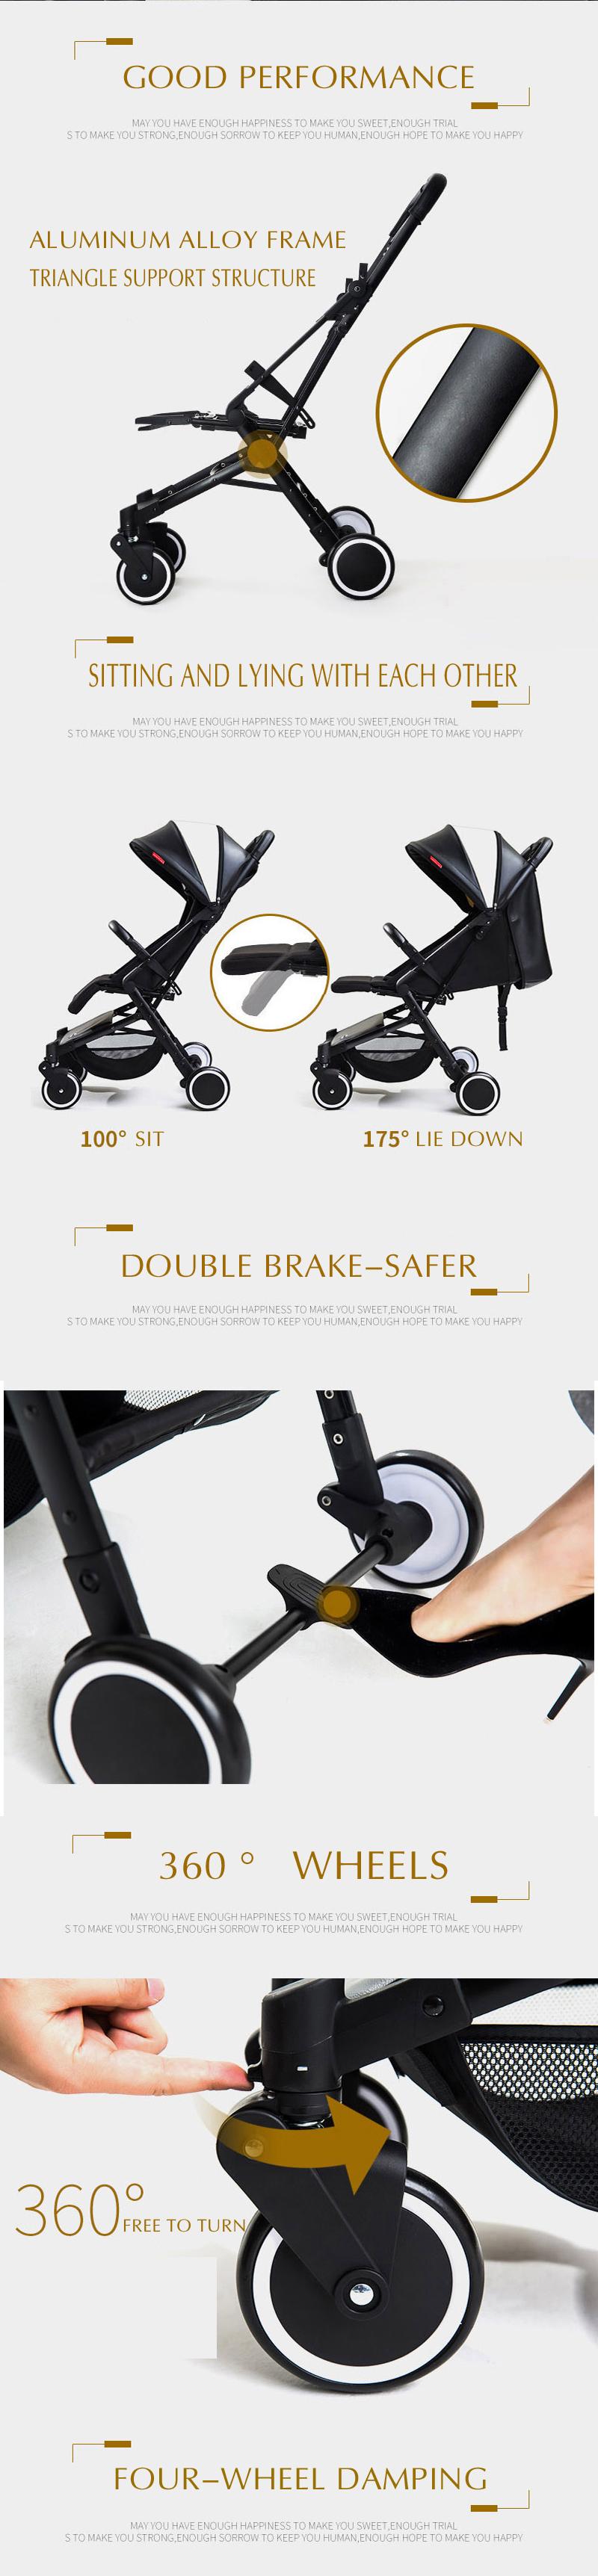 Teknum wózka dziecięcego ultralekki można jeździć może być leżącego przenośny parasol składany mini cztery okrągłe wózek dla dzieci 4